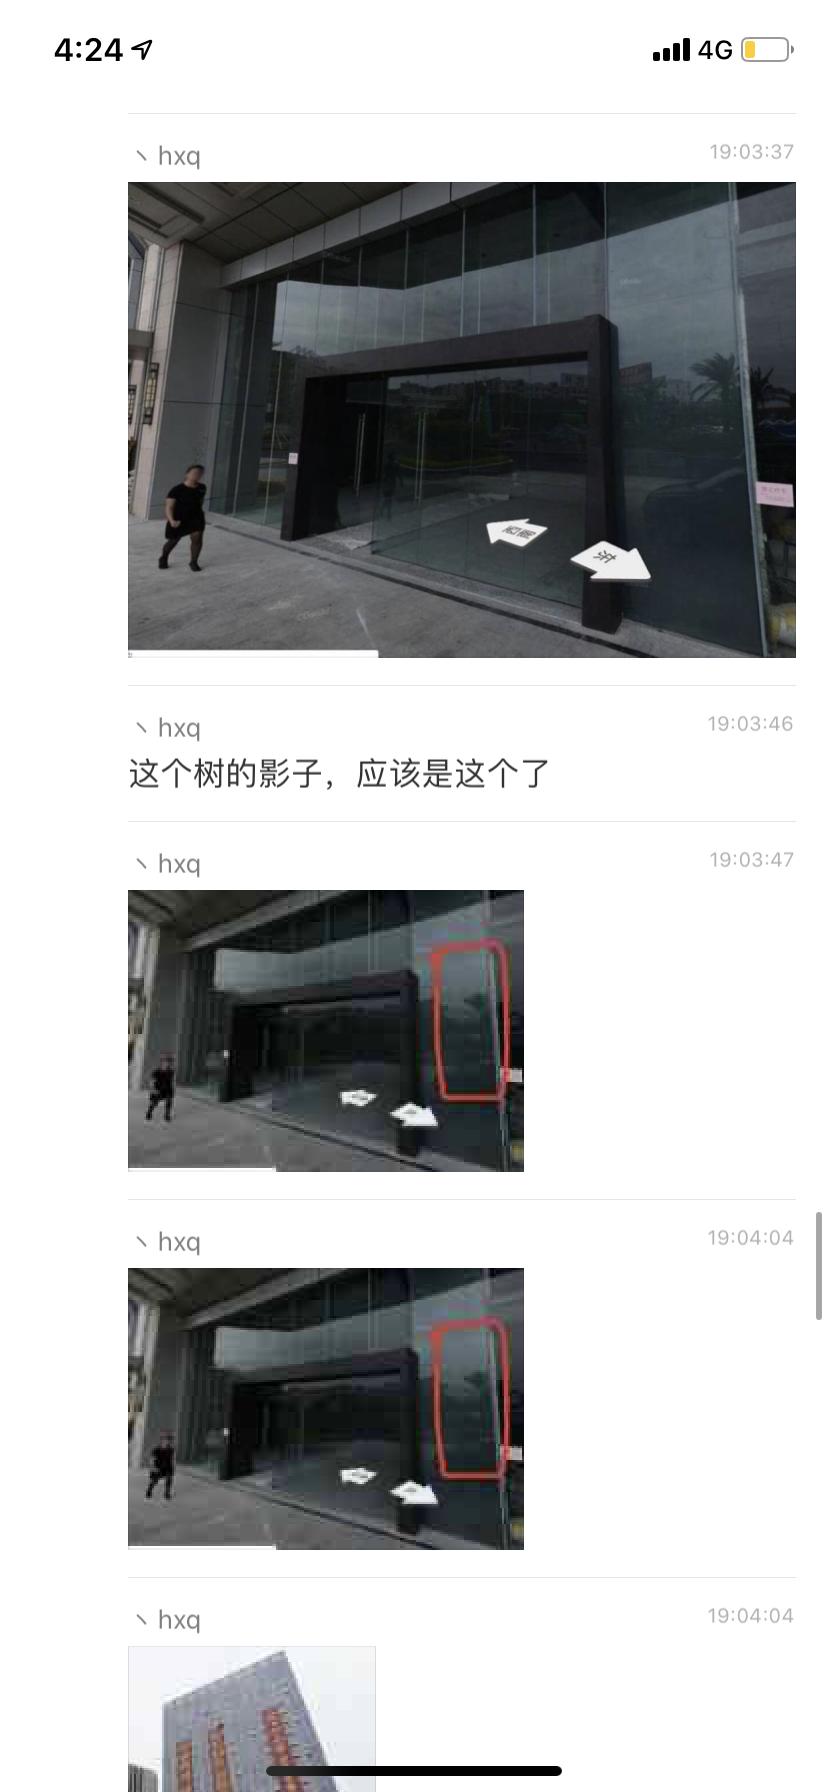 """福利姬""""快点亲亲我吖""""拍照秀美图被侦查破解住址!-sao-『游乐宫』Youlegong.com 第13张"""